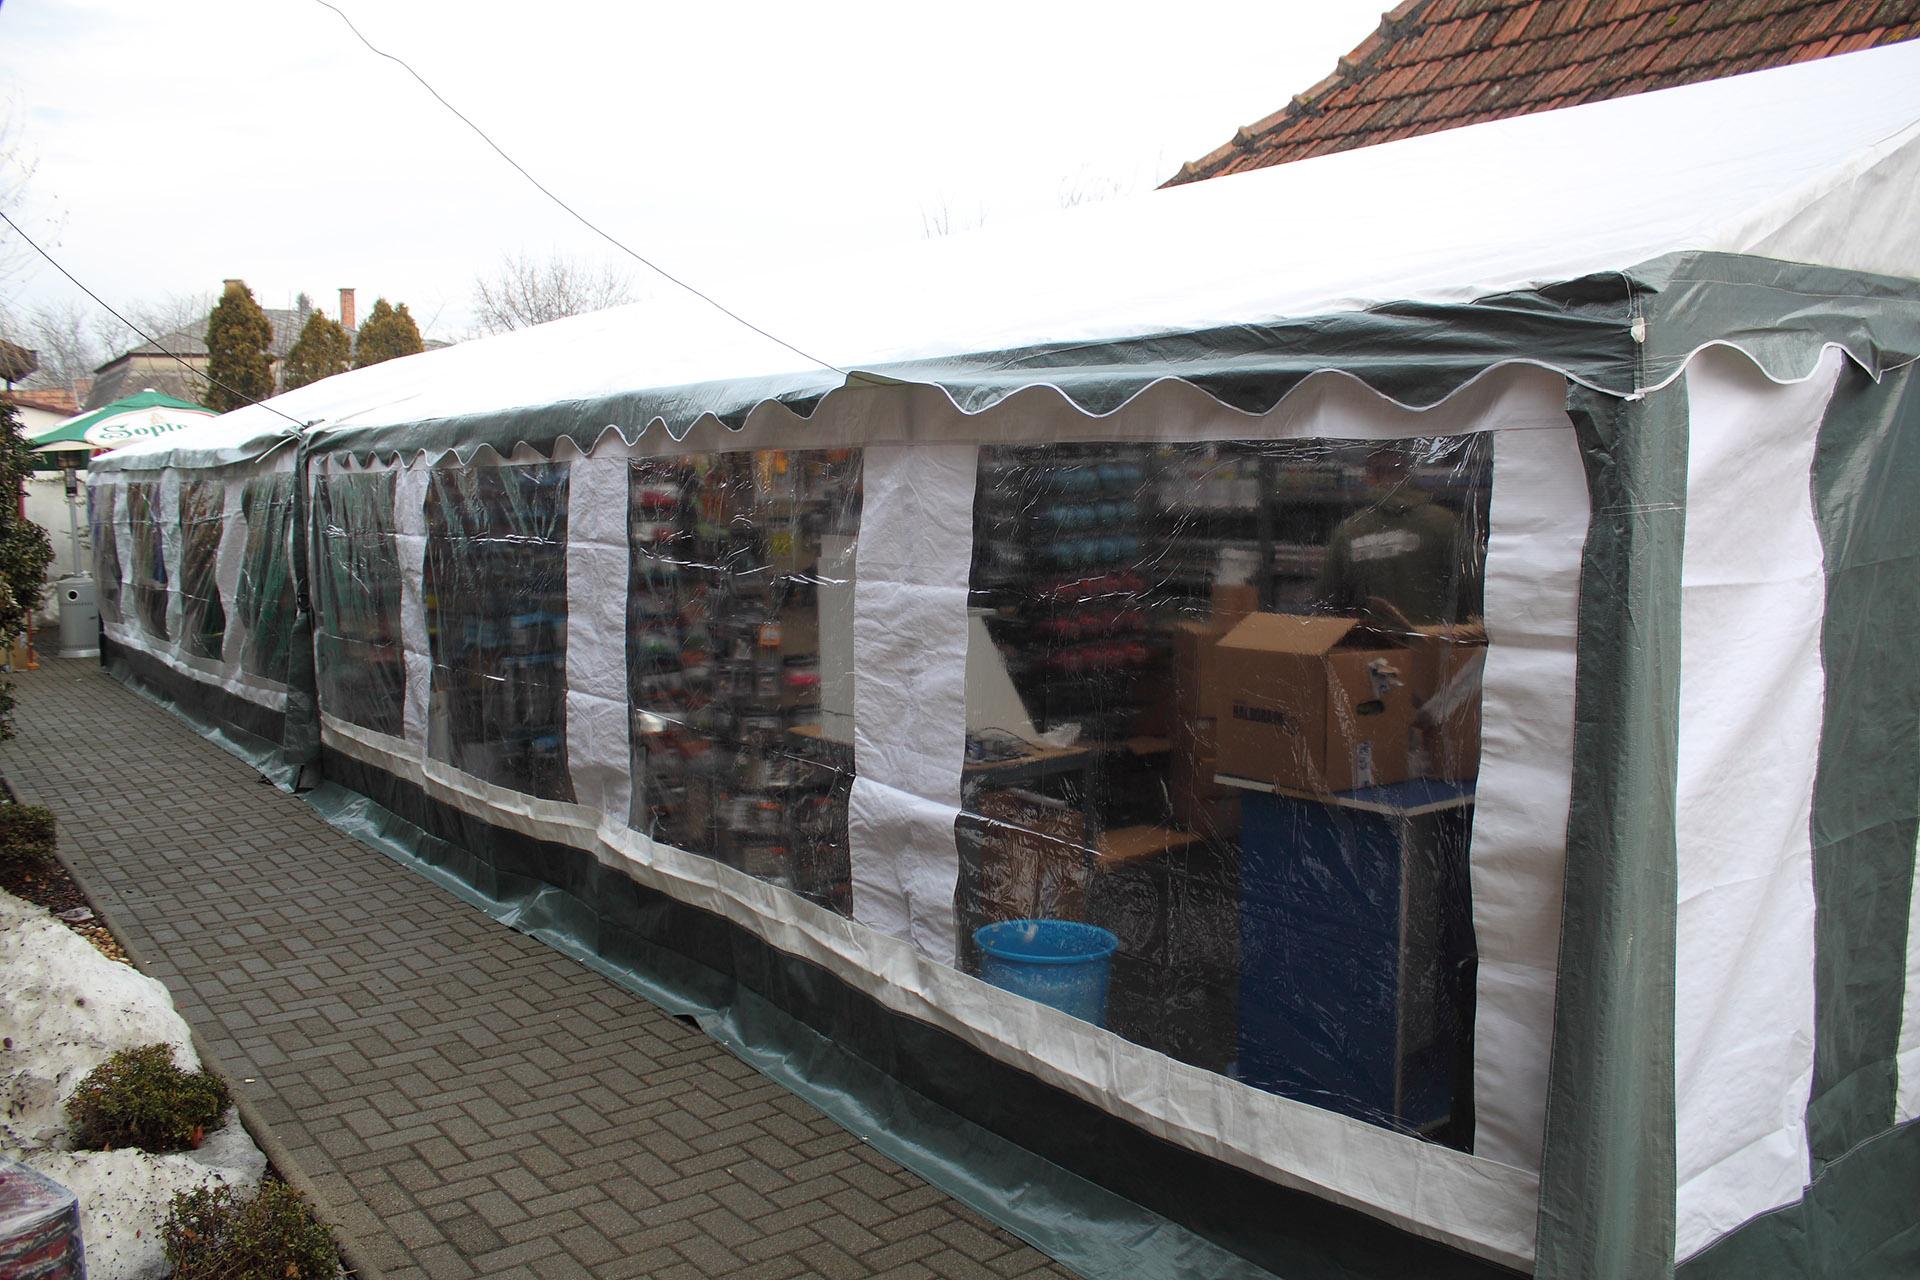 Tavaly igen népszerű volt a külső bemutató sátor, ennek alapterülete idén tovább nőtt